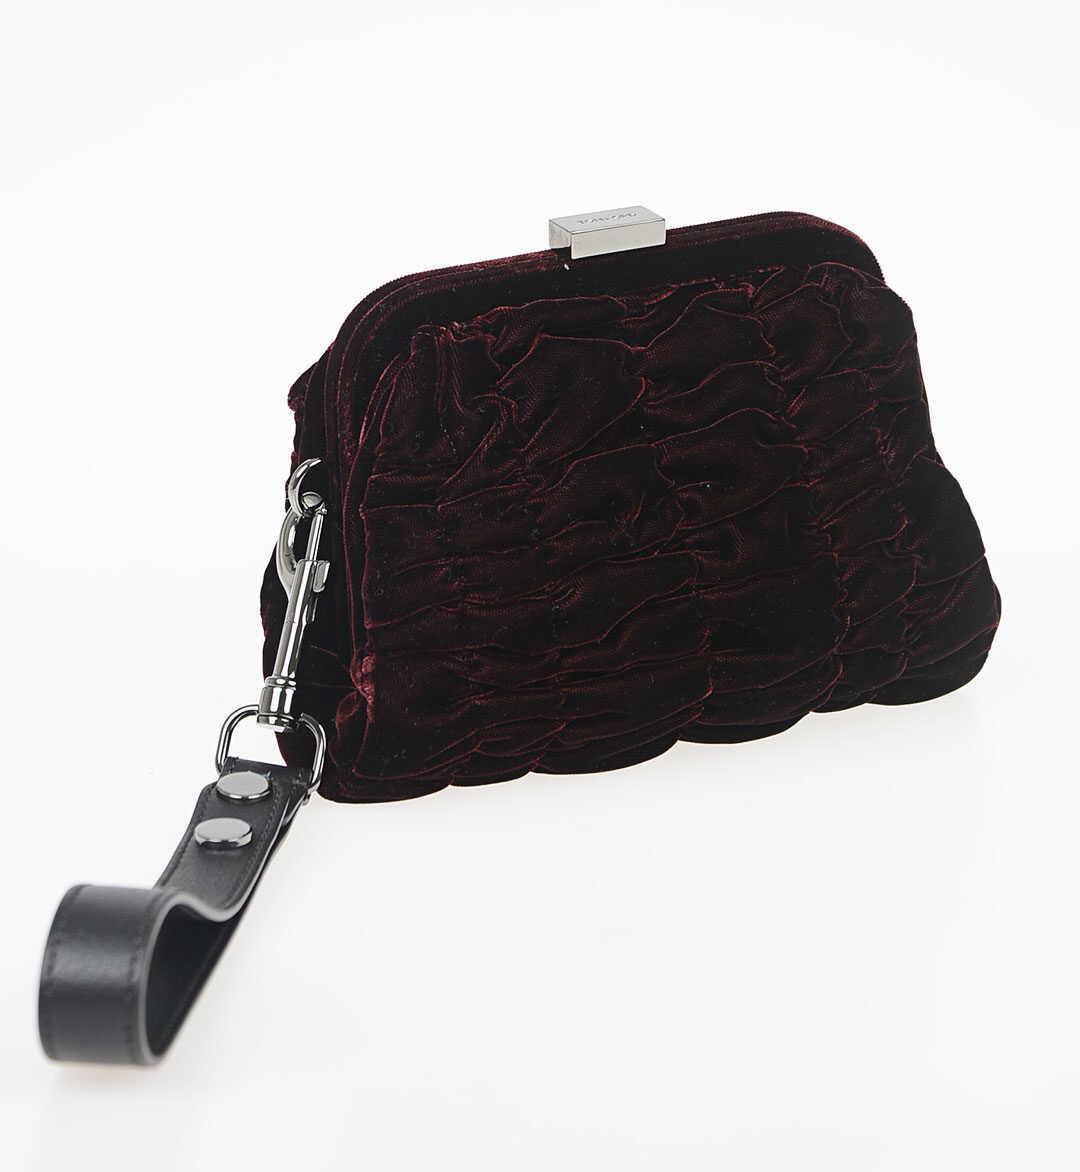 Tom Ford Velvet Handbag with Wristlet RED